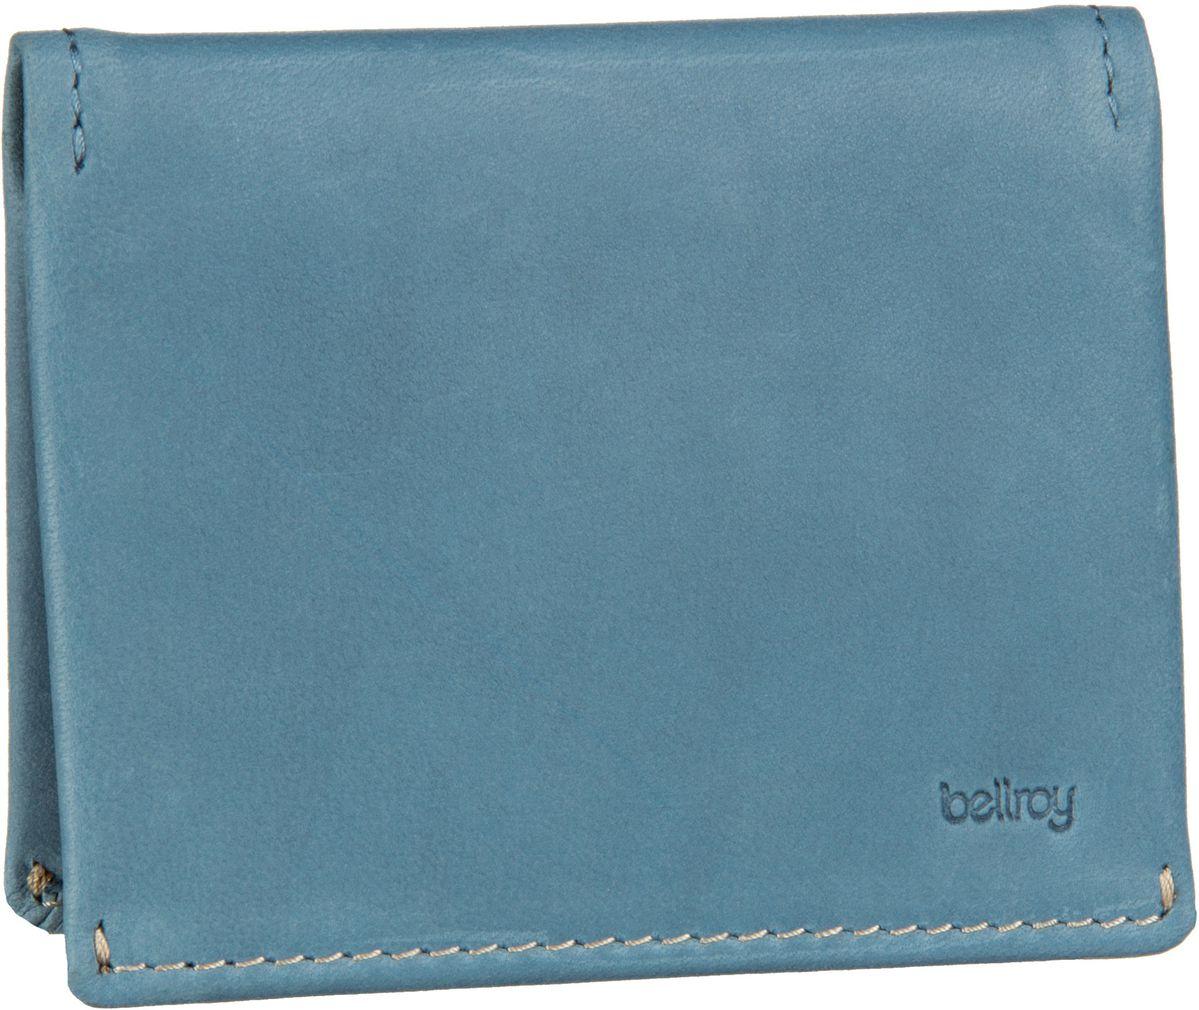 Bellroy Slim Sleeve Arctic Blue - Brieftasche - broschei